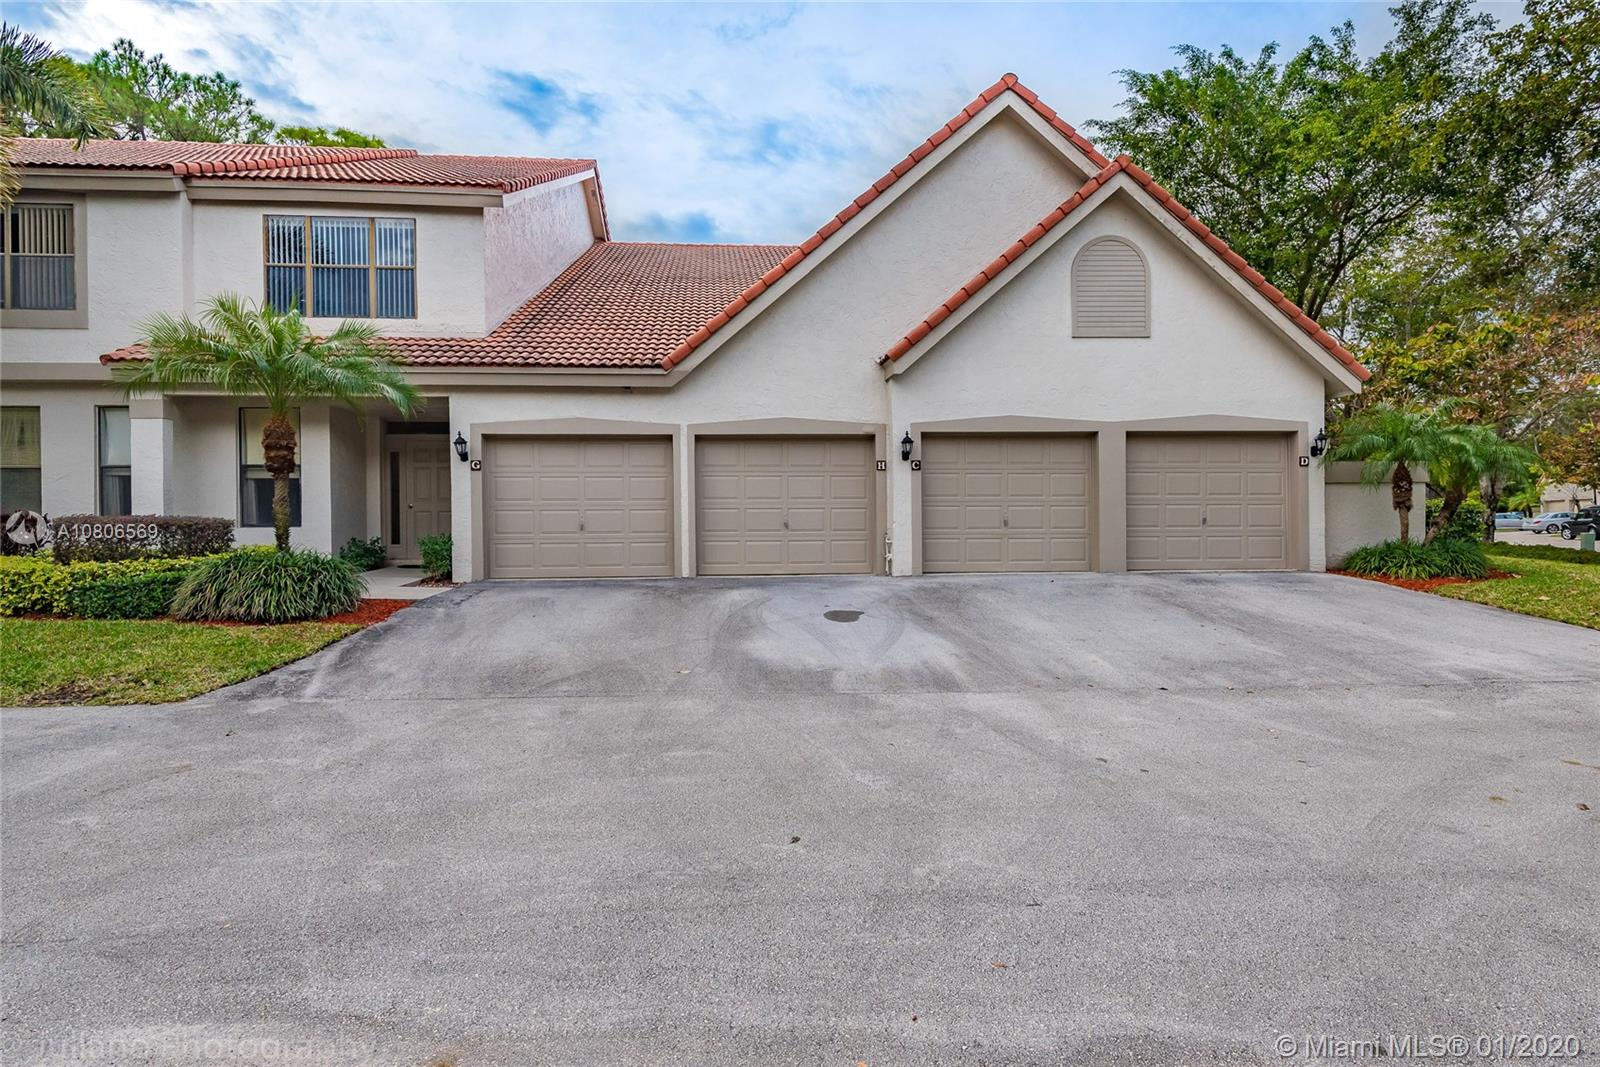 5790 Coach House Circle, H - Boca Raton, Florida